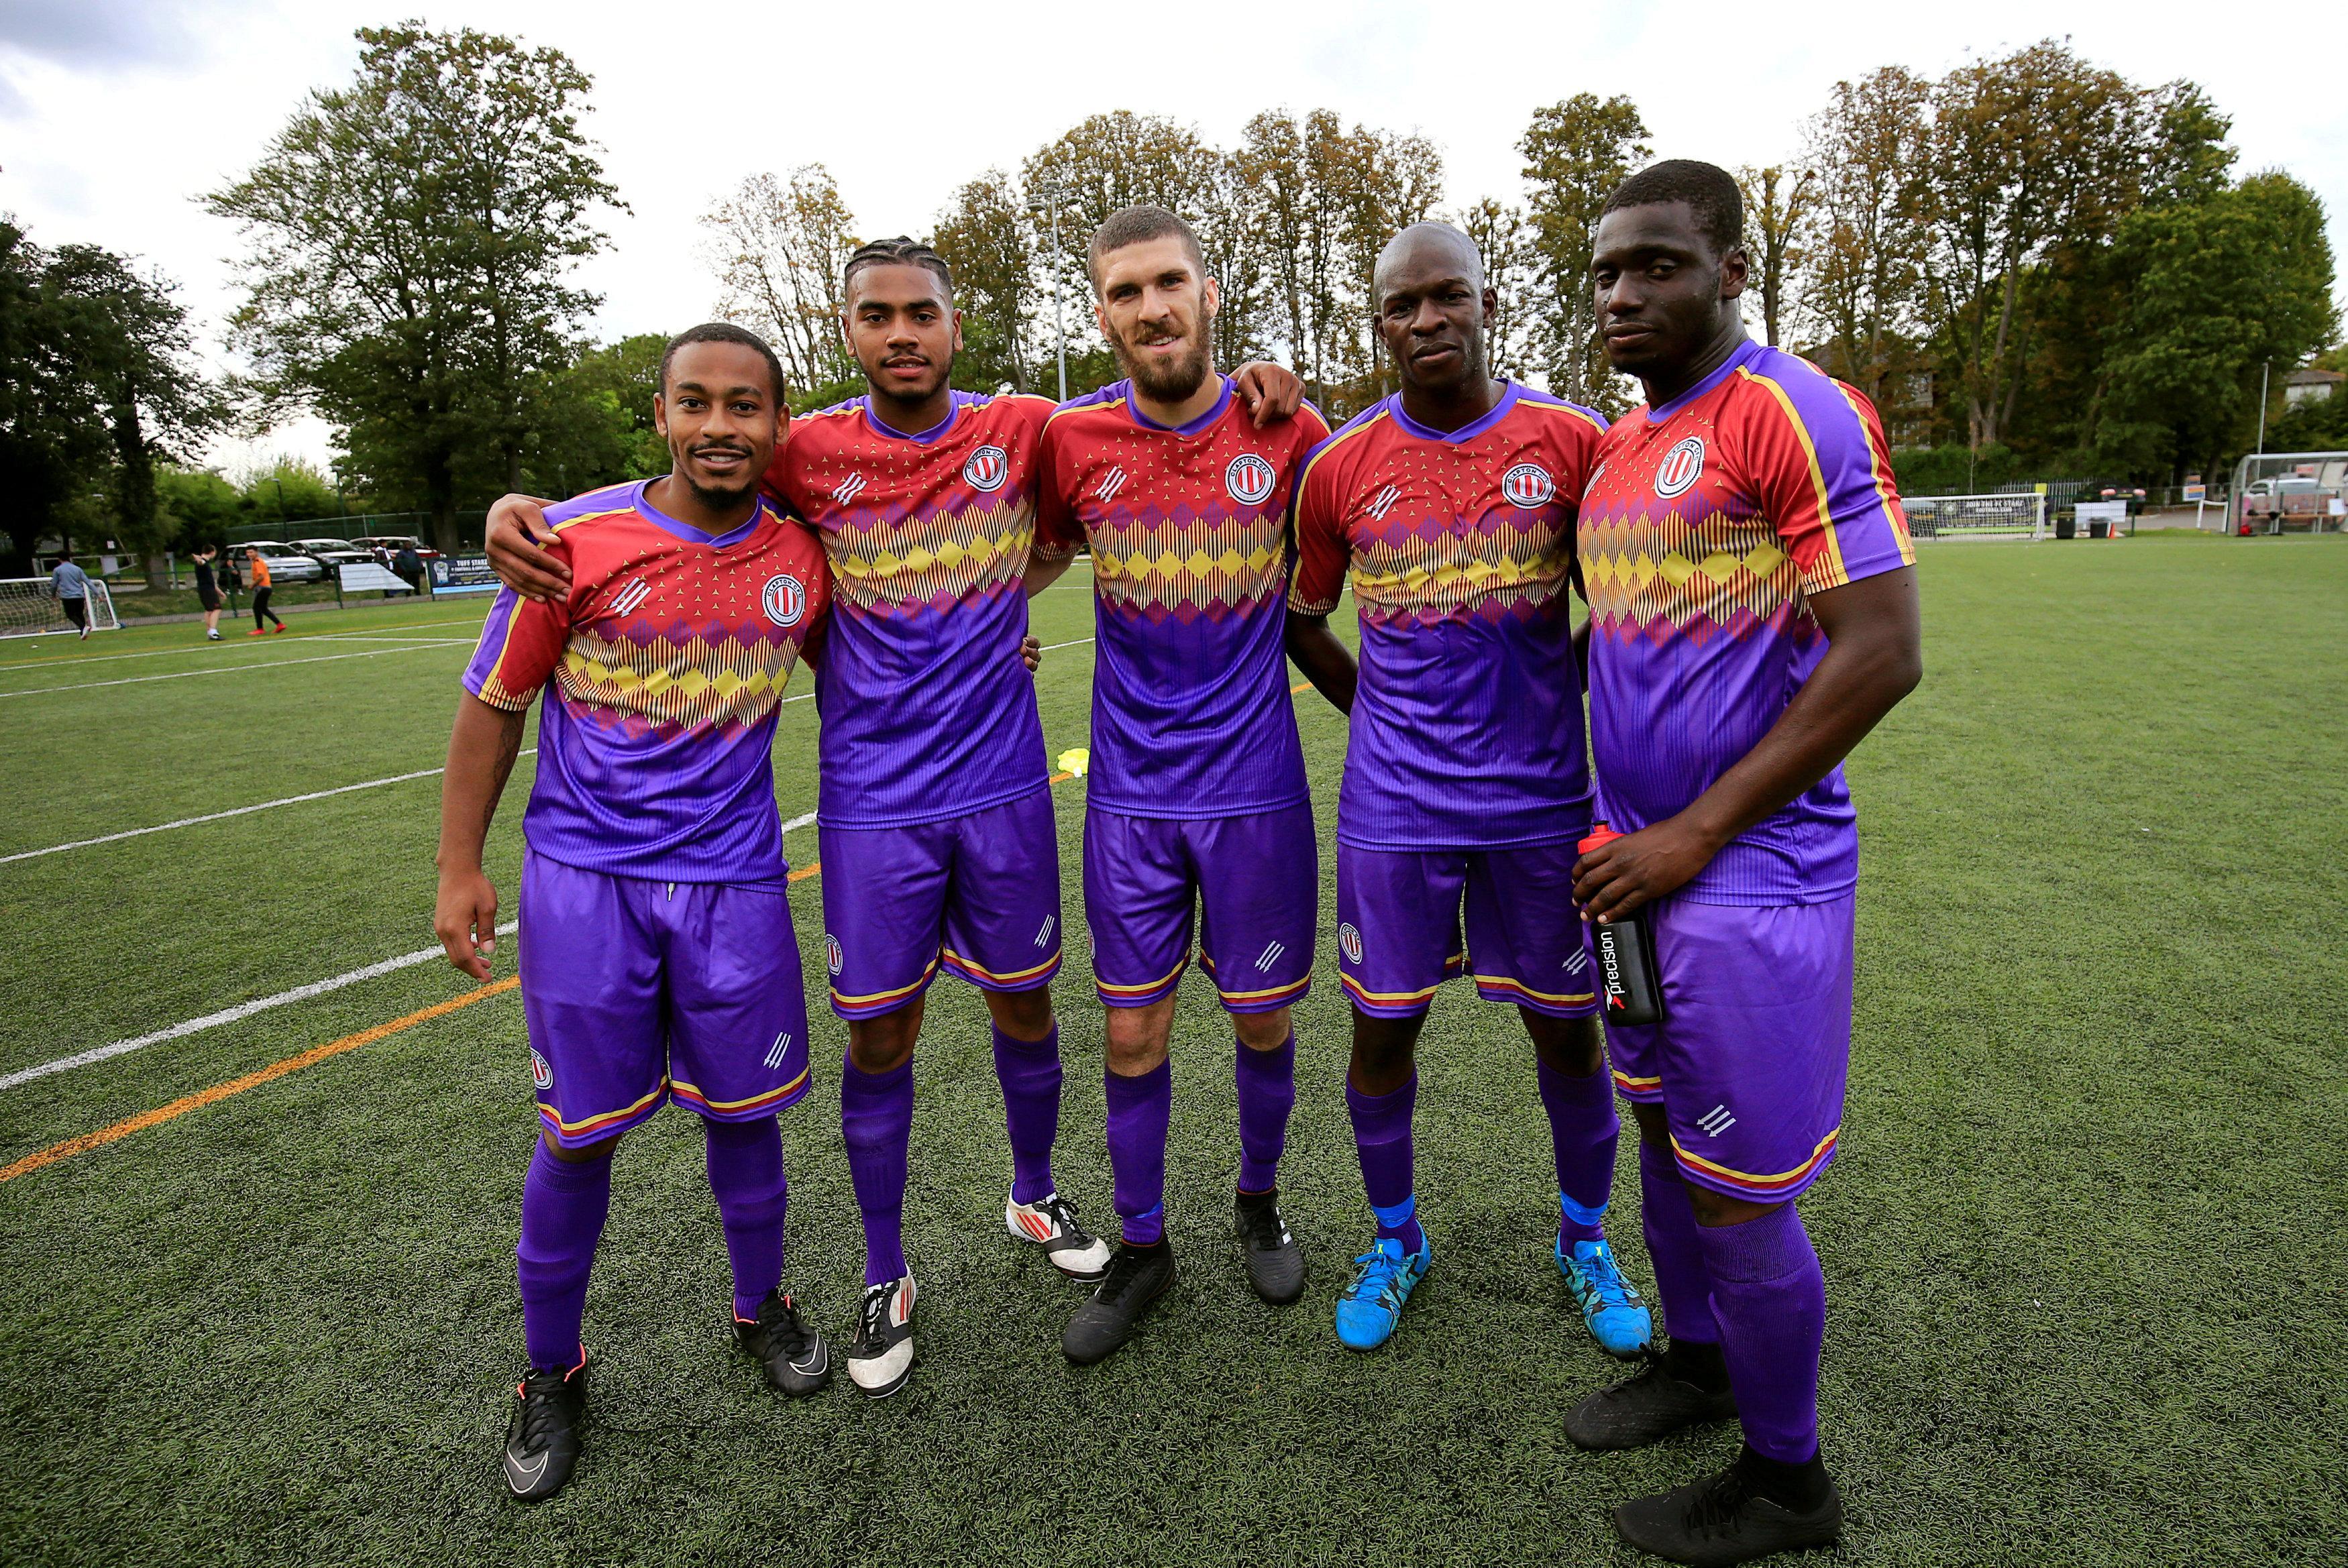 No Pasaran London Football Team Sells Out Of Spanish Civil War